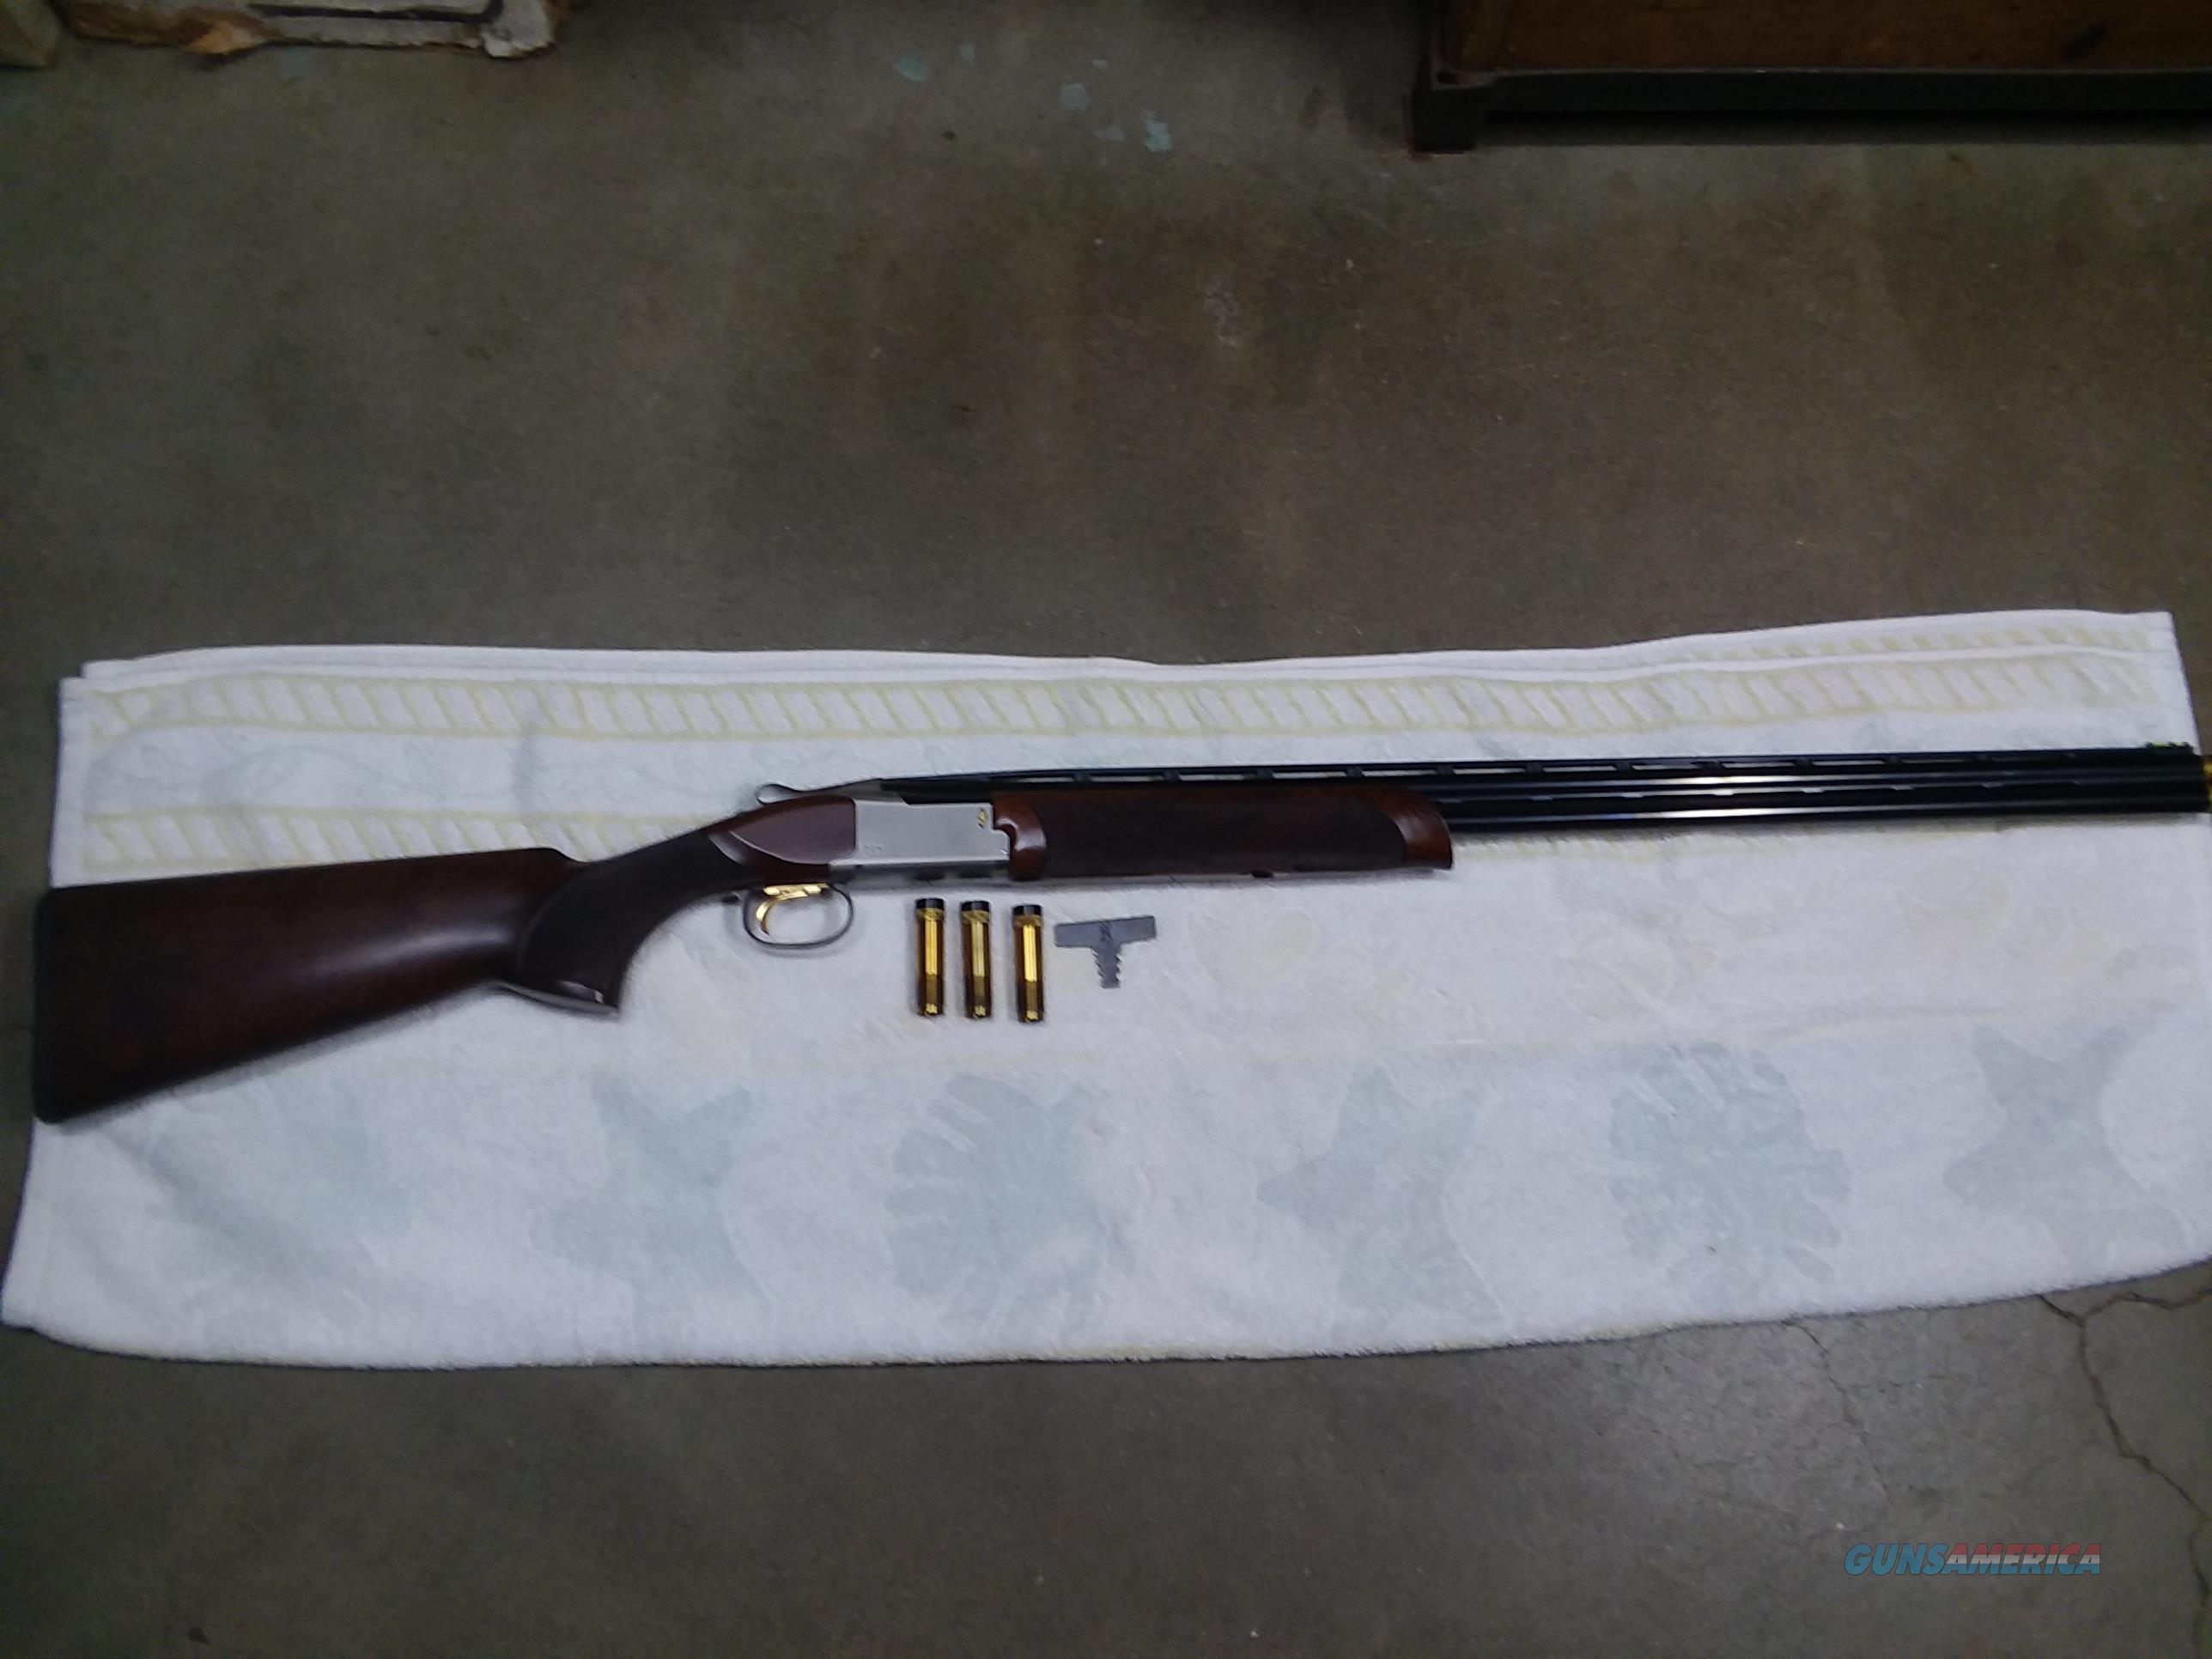 Browning 725 Sporting 28 ga.  Guns > Shotguns > Browning Shotguns > Over Unders > Citori > Trap/Skeet